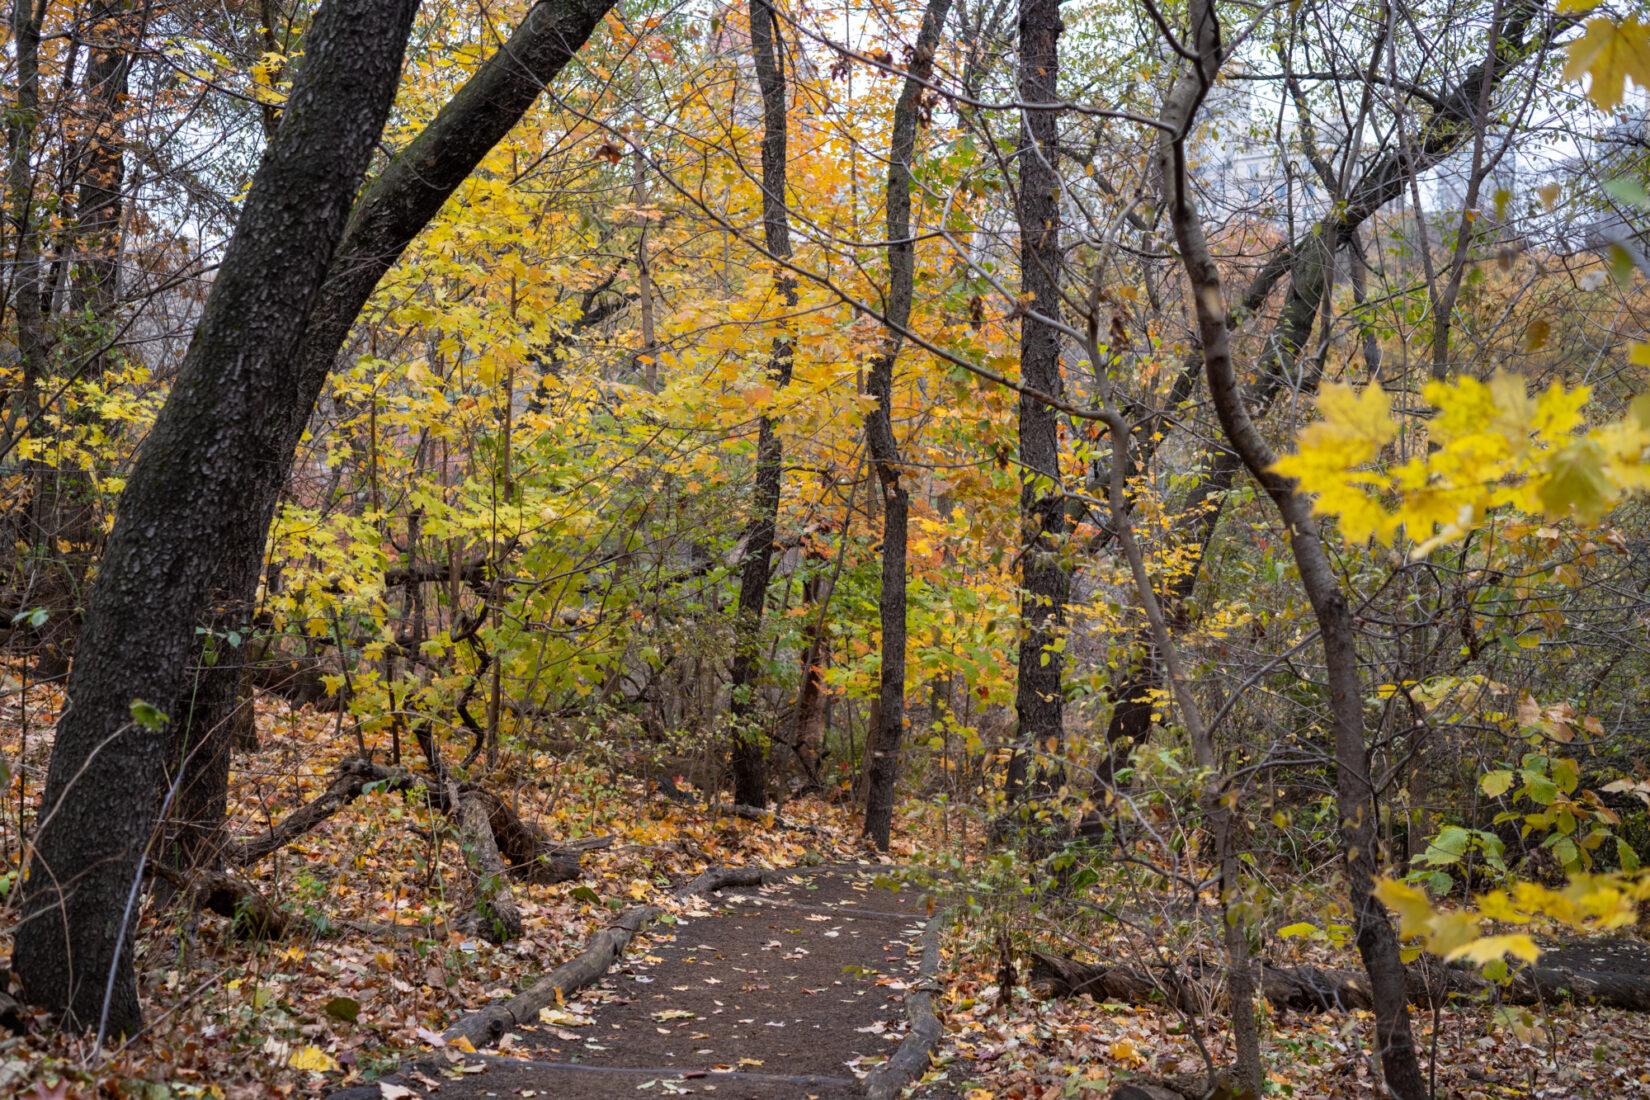 The Hallett Nature Sanctuary shown in mid-autumn